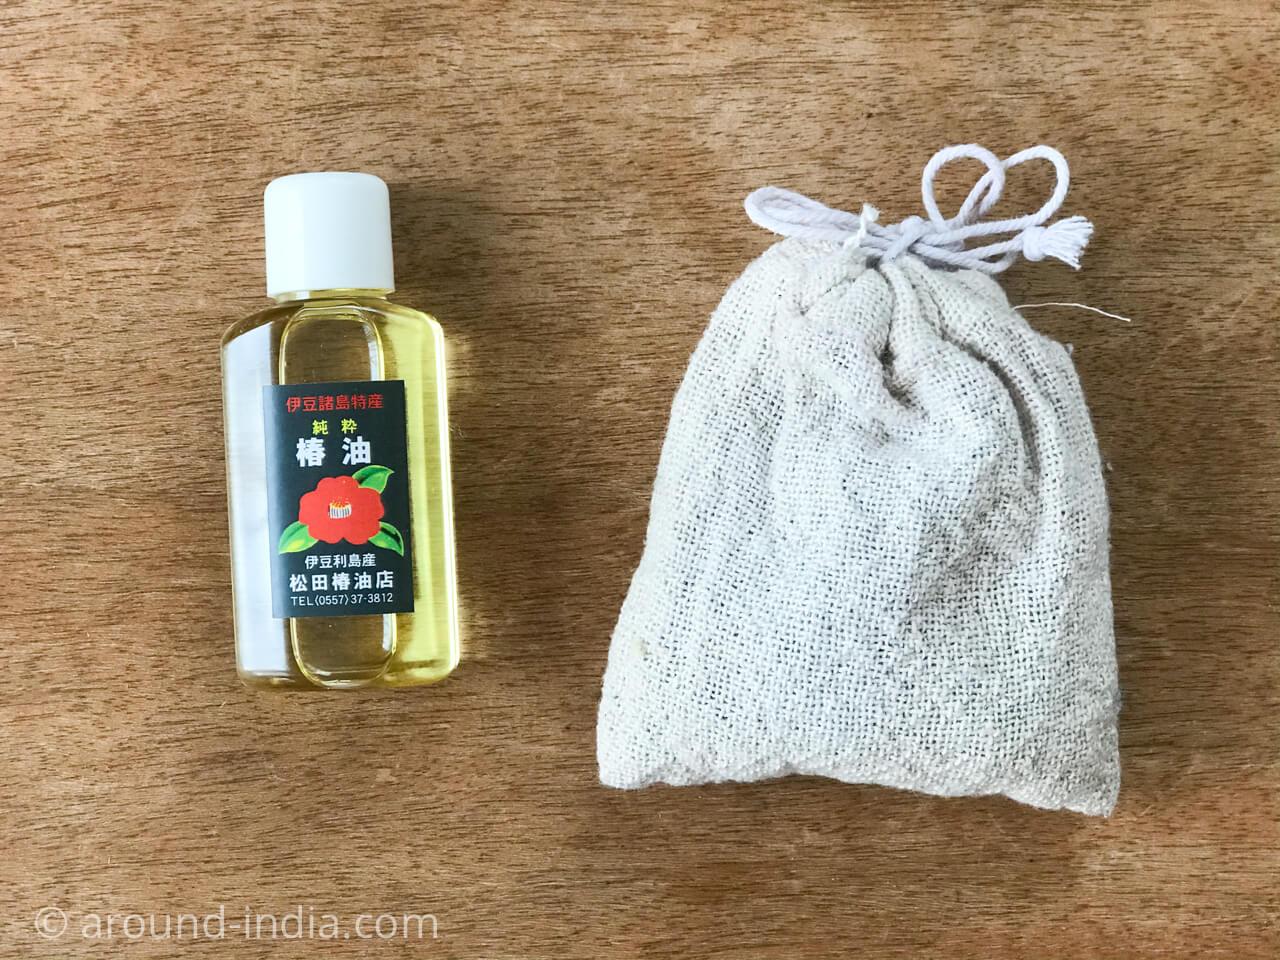 国産純椿油と、椿油カスを木綿袋に入れたところ